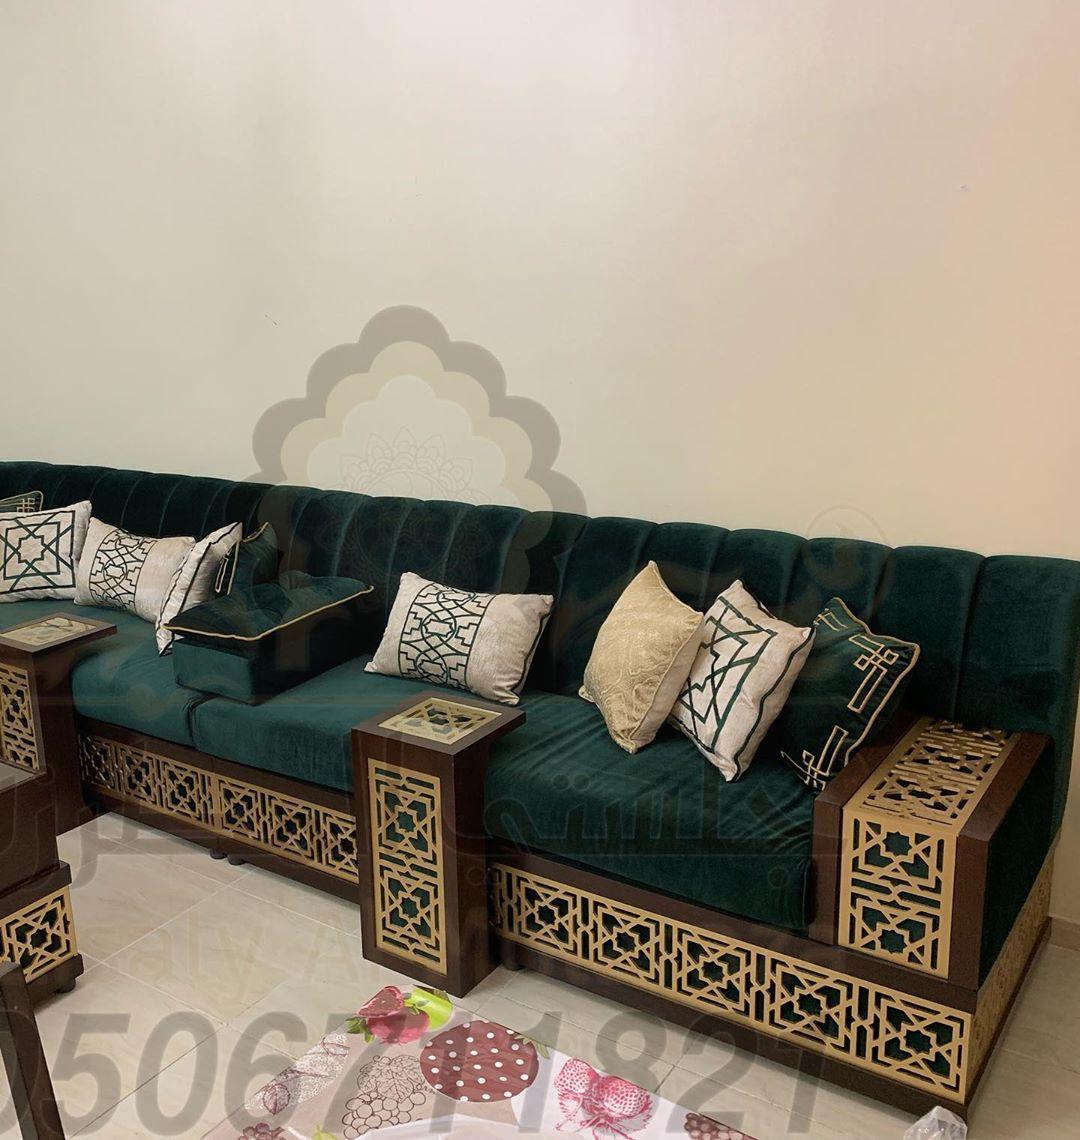 مجالس مغربية جلستي المطرزة On Instagram مجالس مغربيه مجالس رجال مجالس نساء اندلسي ديكورات Living Room Design Inspiration Room Design Living Room Designs